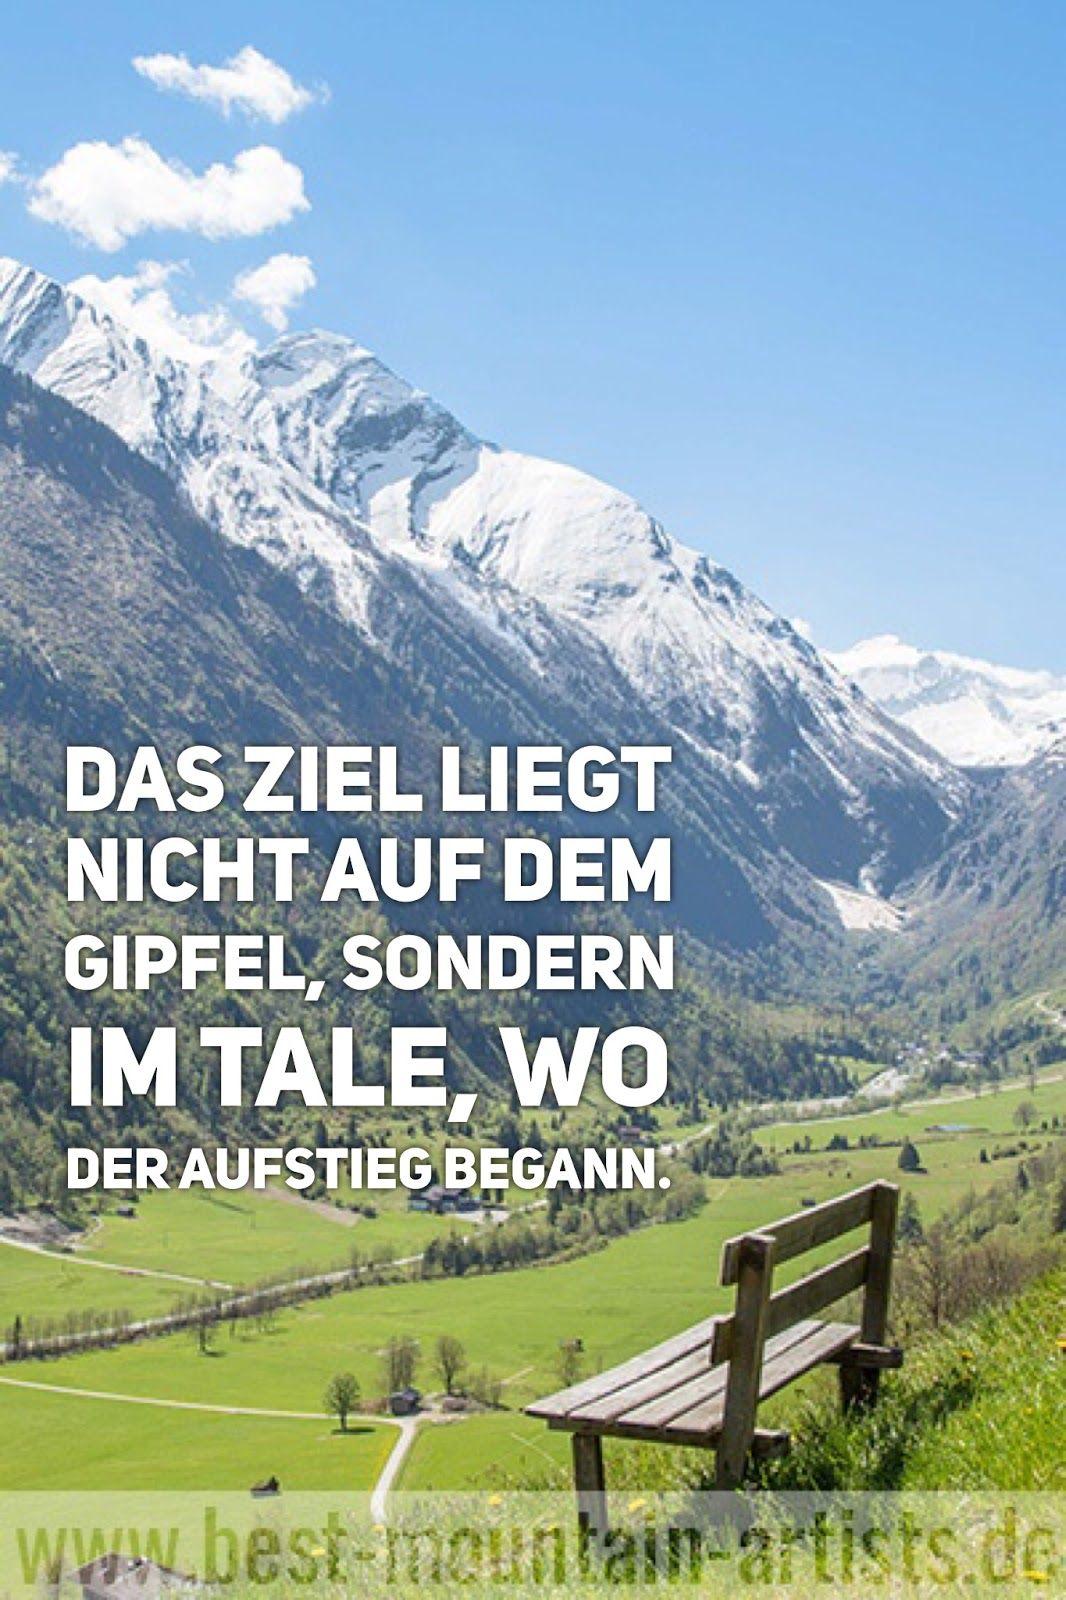 Die 100 Besten Wanderzitate Berge Sprüche Zitat Wand Und